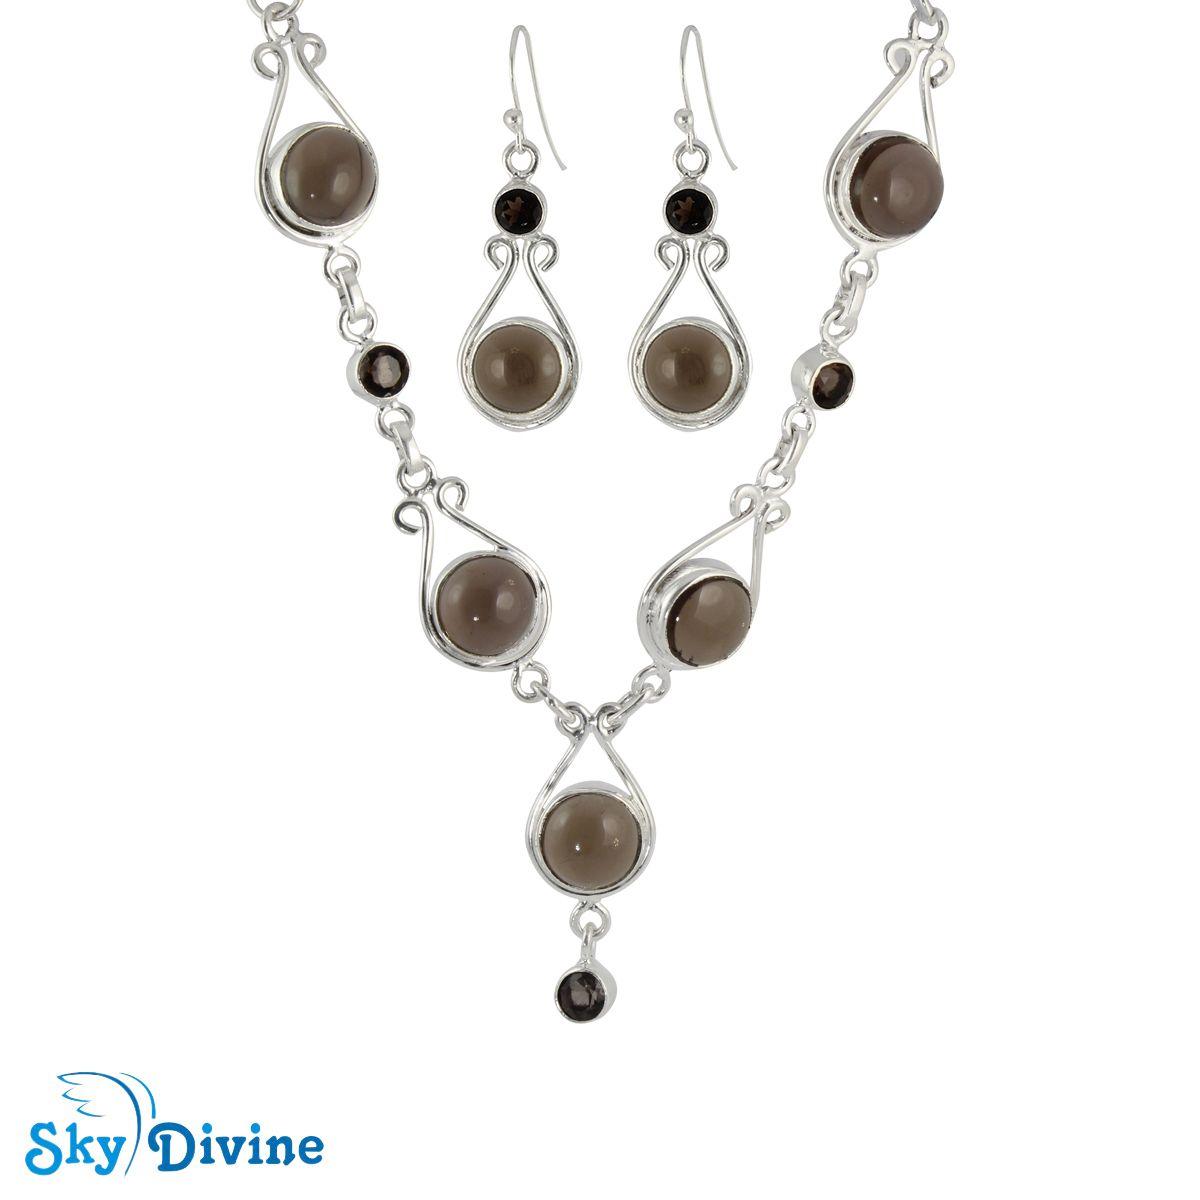 Sky Divine | Sterling Silver Smoky Quartz Set SDAST01 SkyDivine Jewelry, $178.94